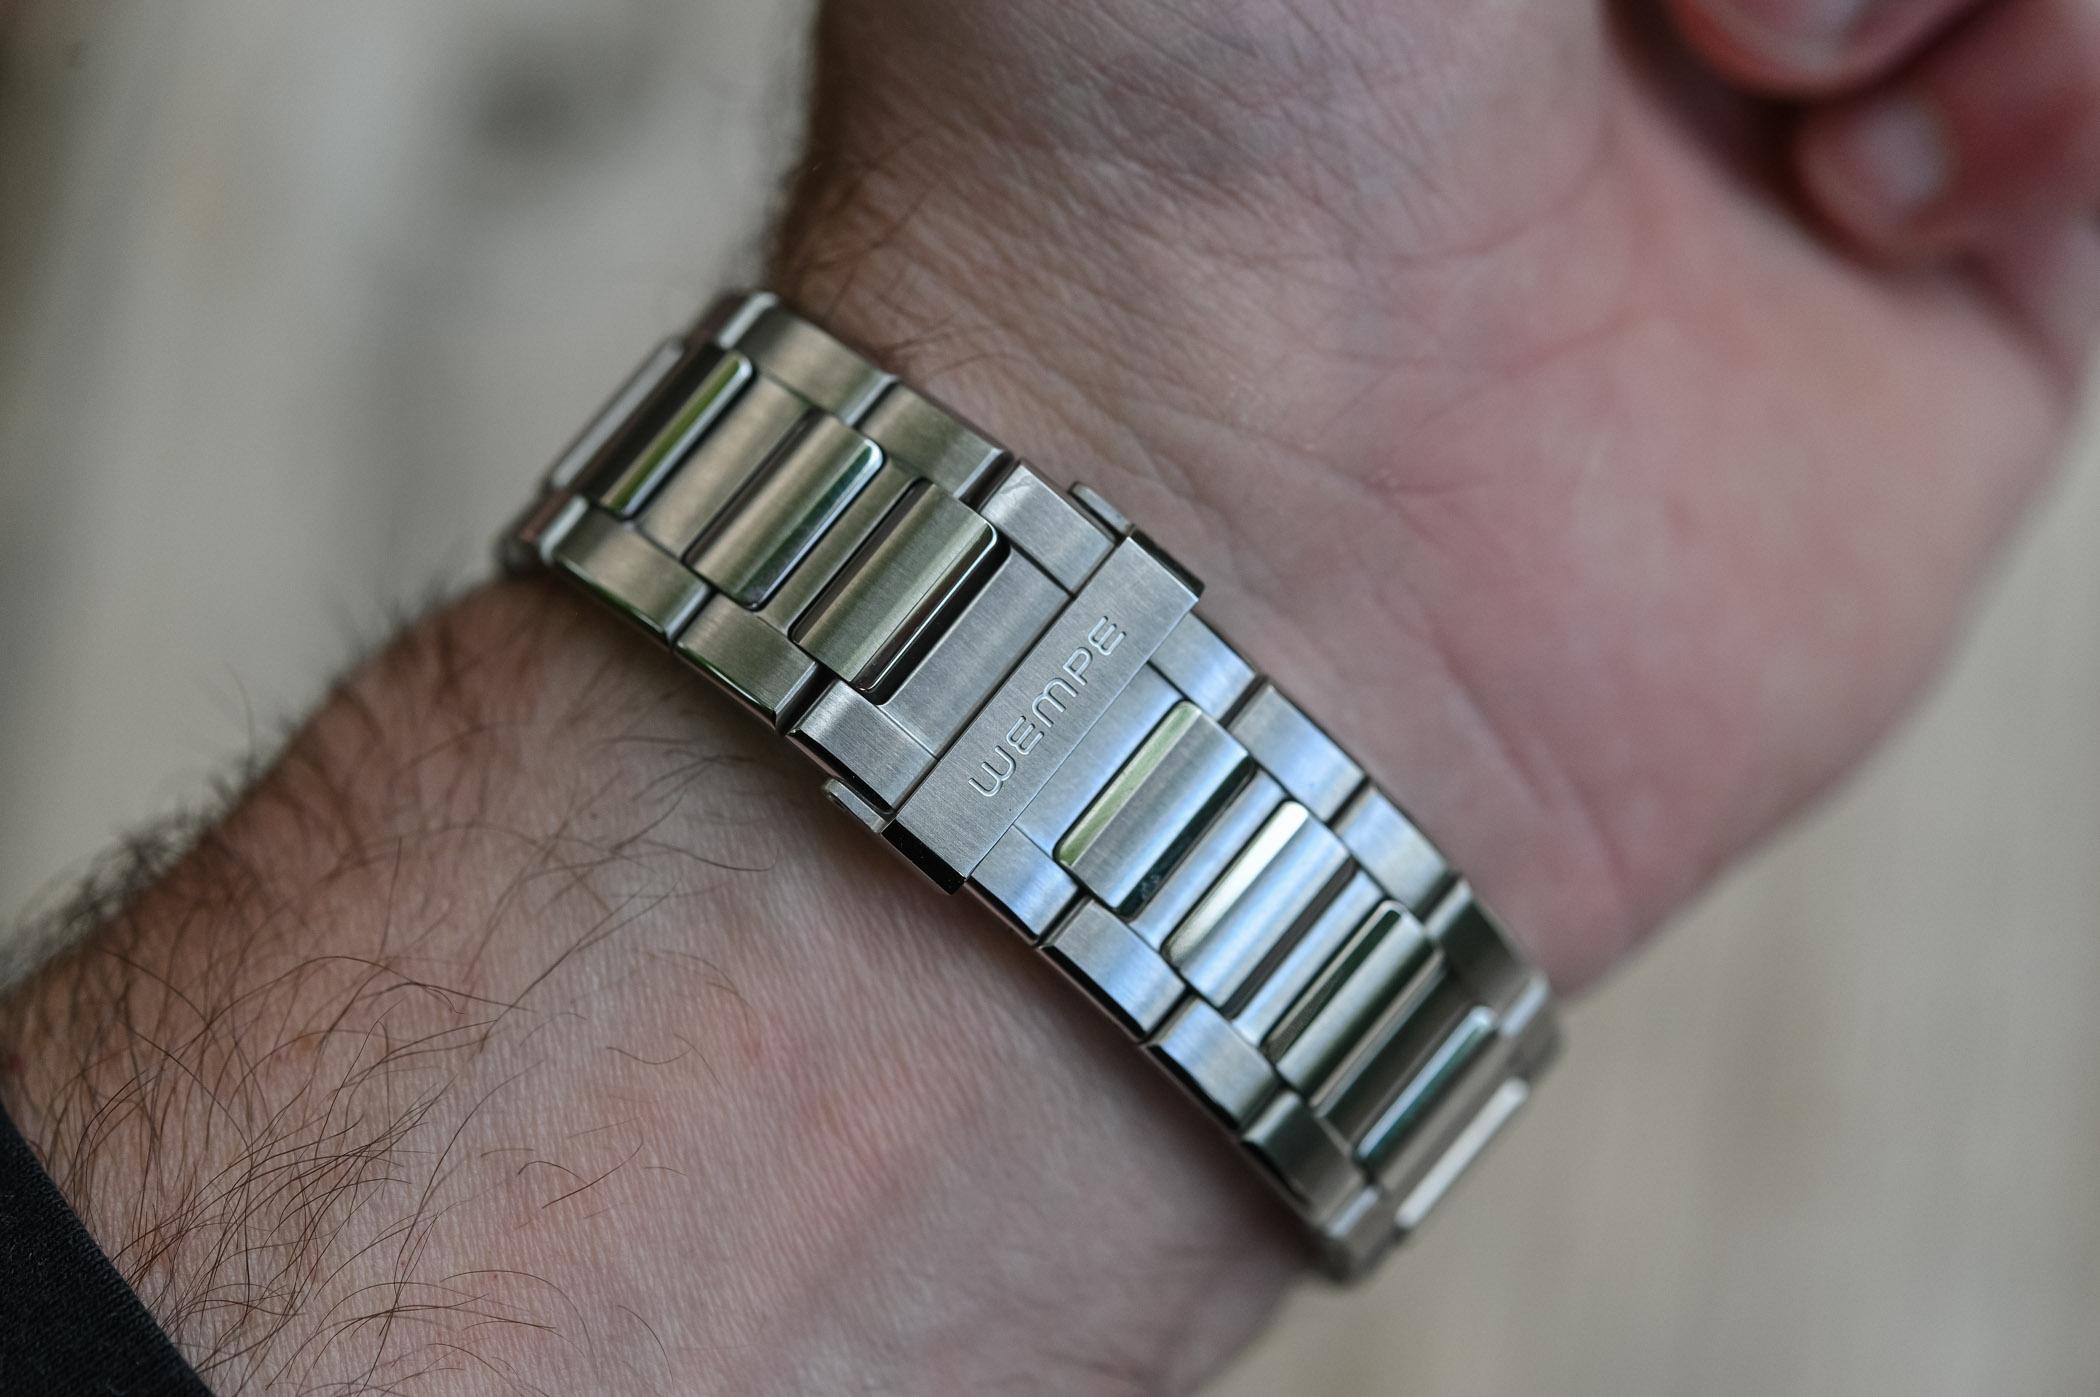 Wempe Iron Walker - Steel Sports Watch Integrated Bracelet